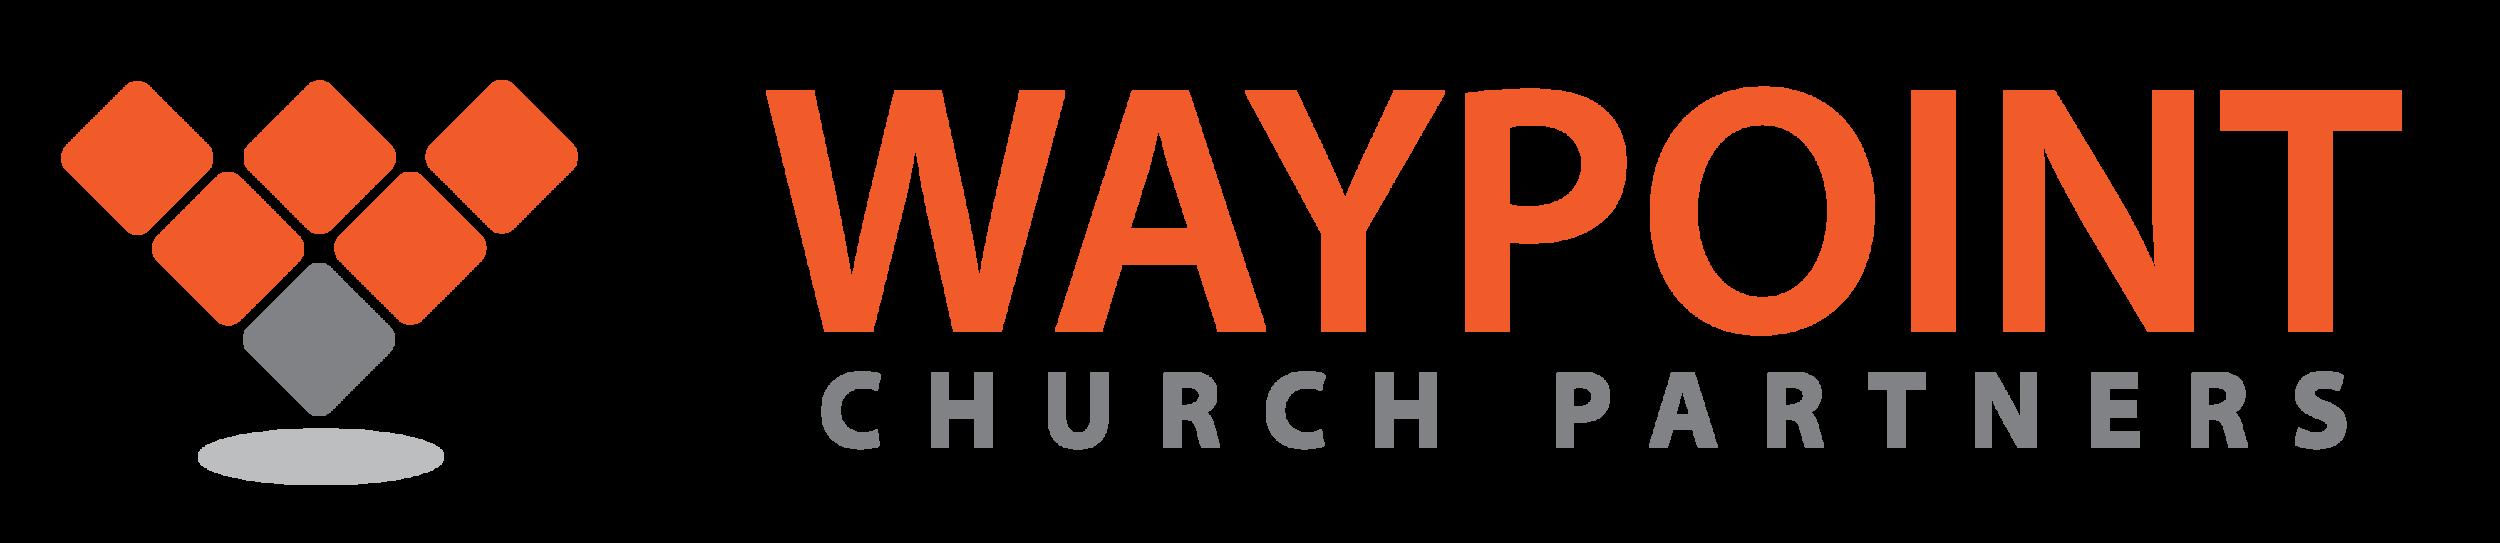 waypointpartner.png